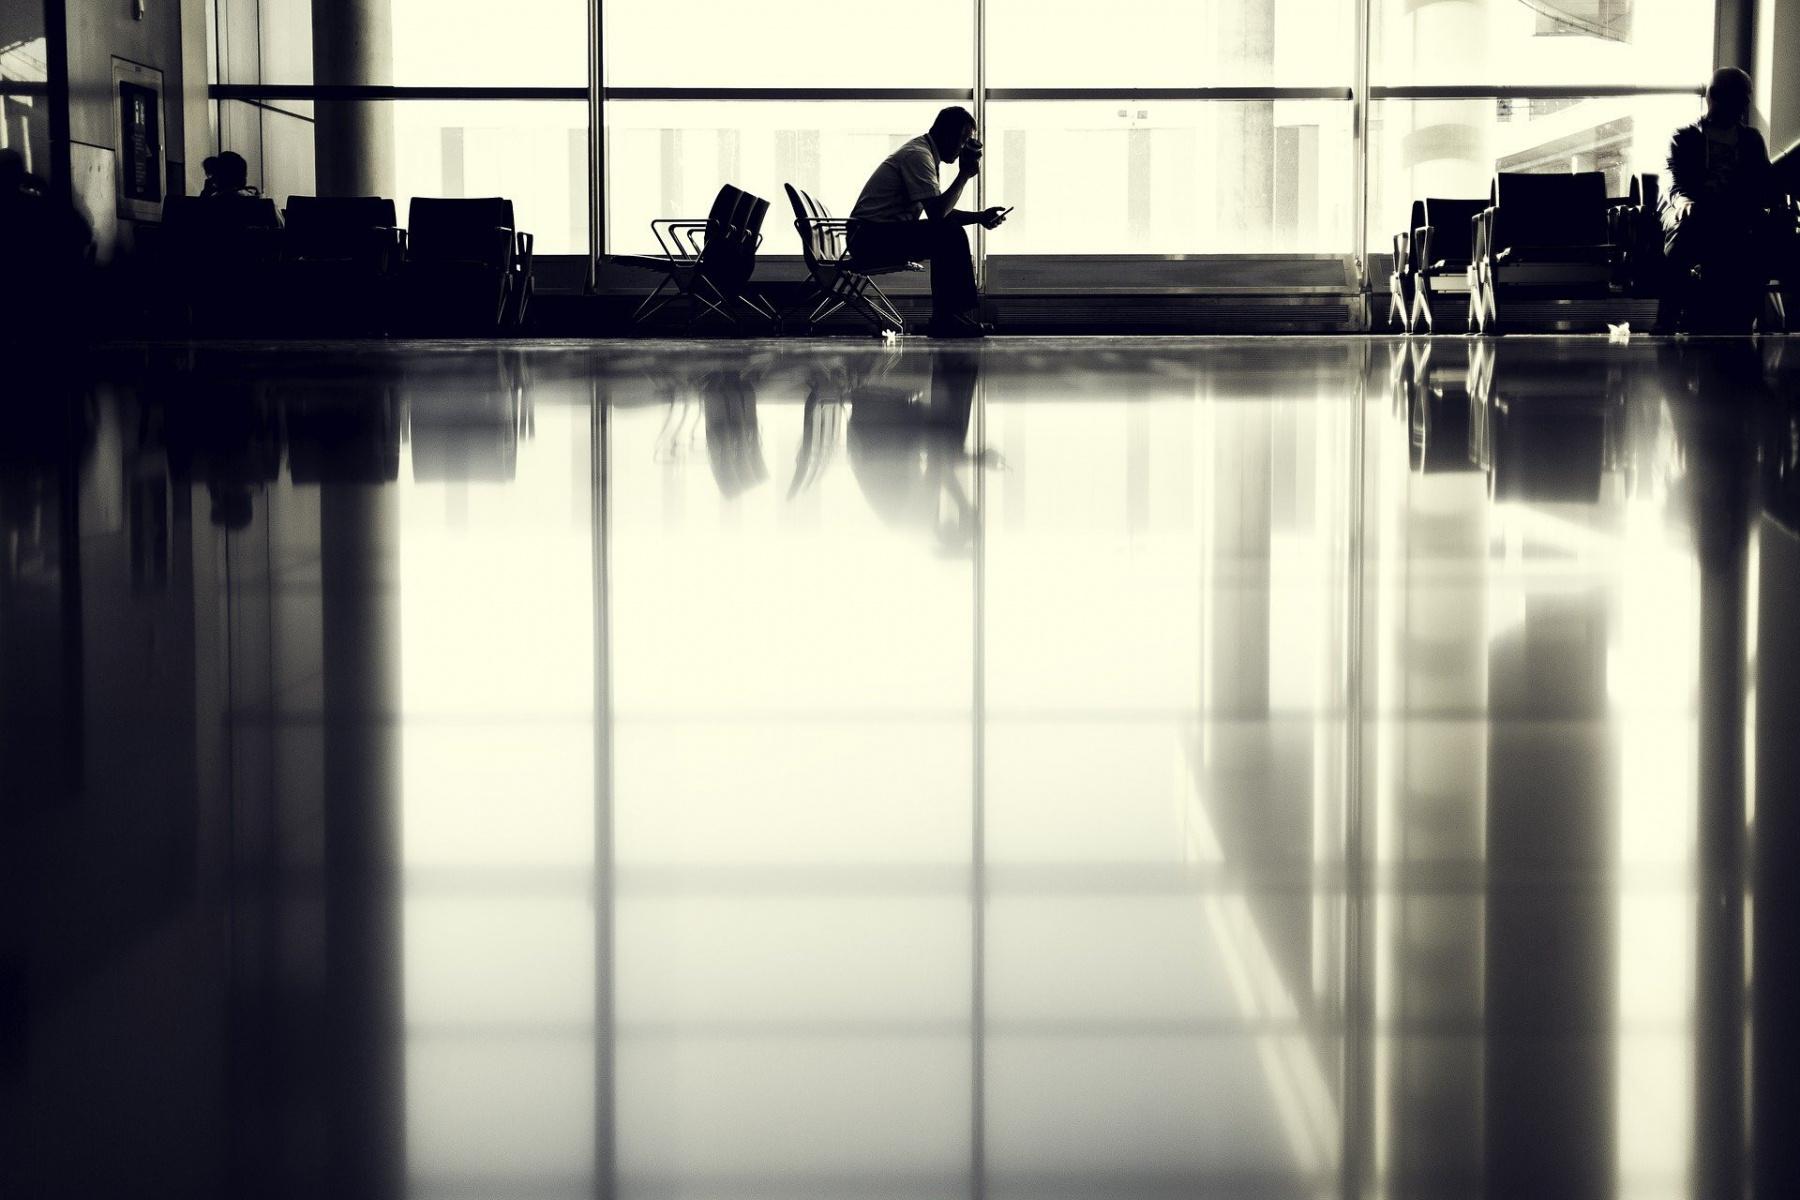 ADP : L'aéroport de Roissy envisage de fermer son terminal 3